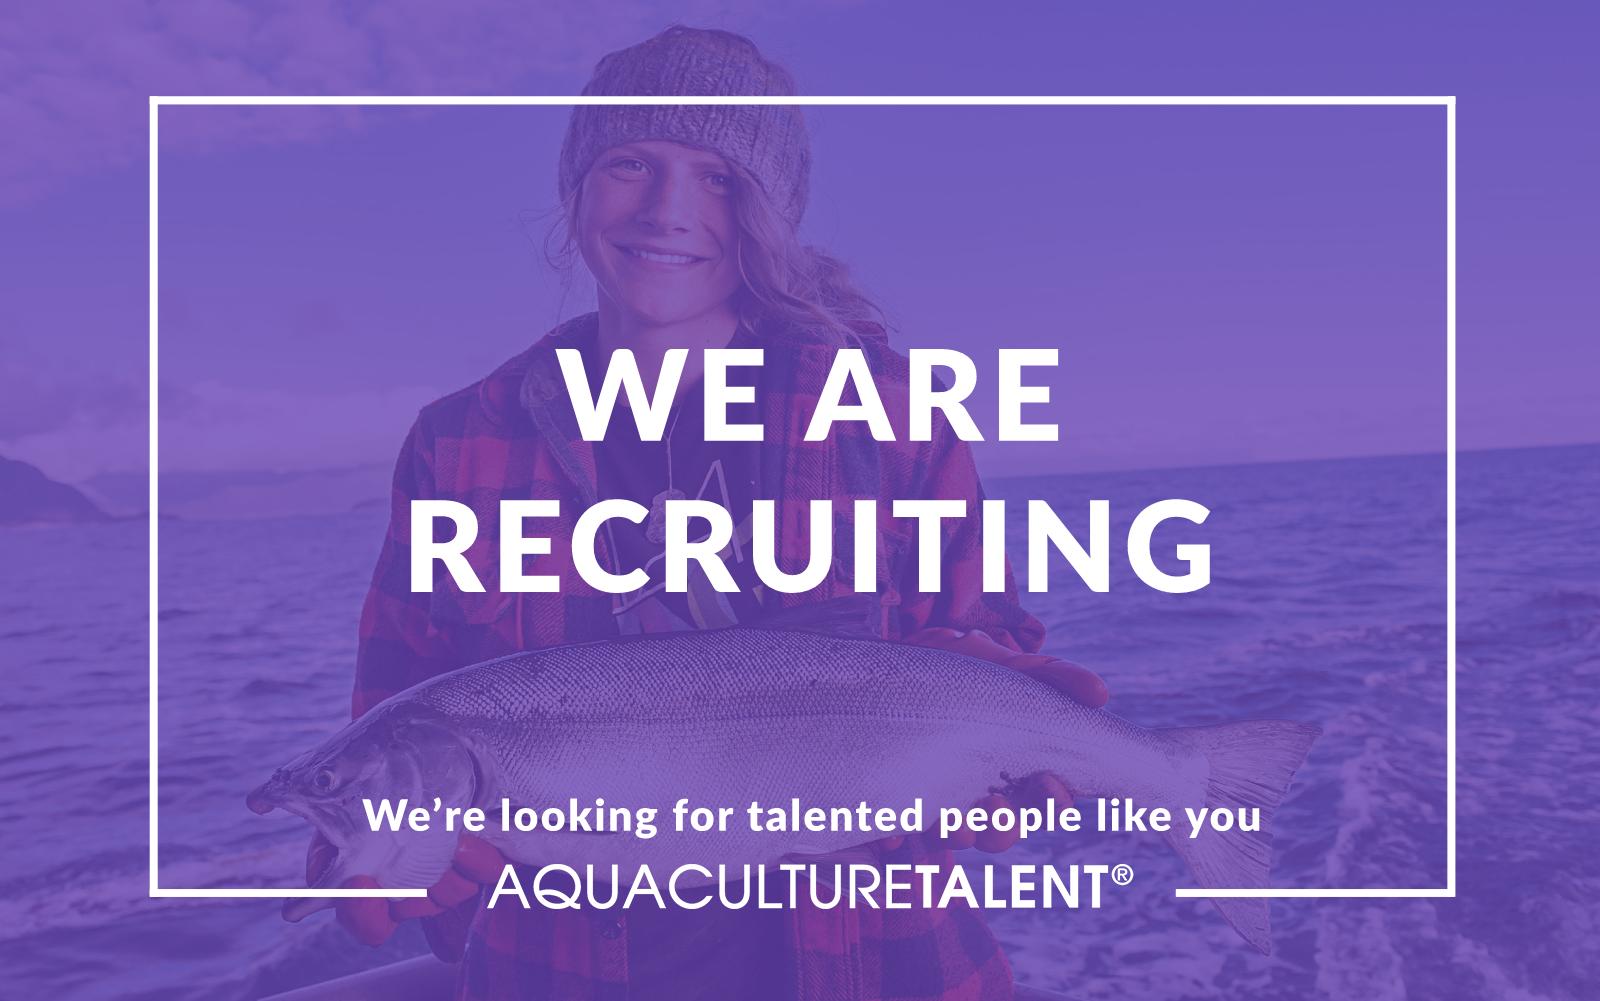 Jobs in aquaculture, fisheries, seafood - AquacultureTalent